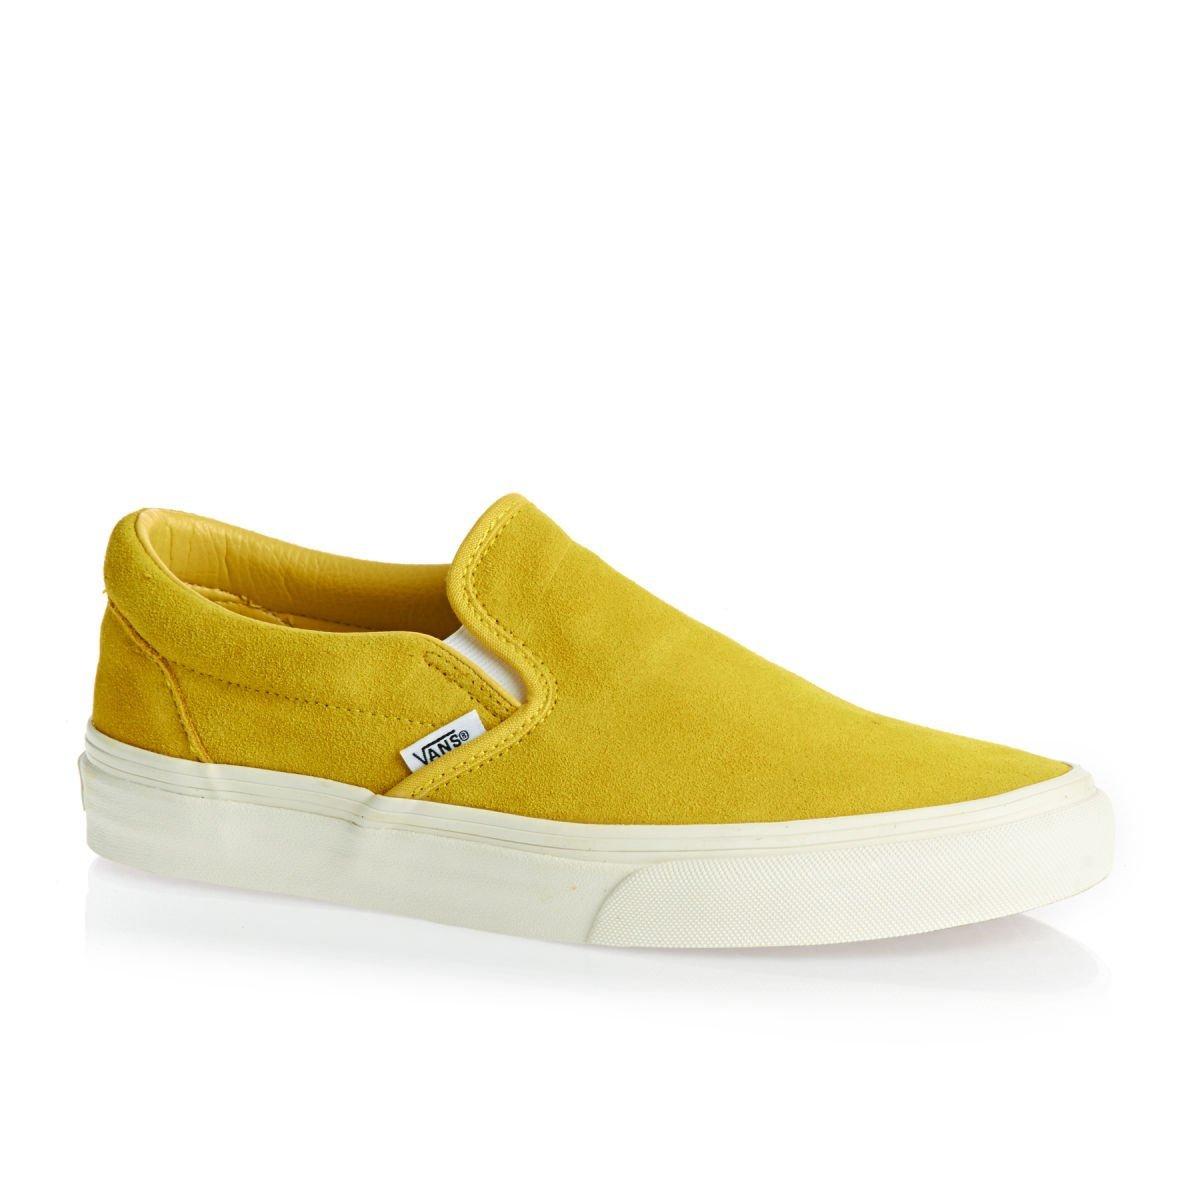 04dfc360dc Vans Shoes - Classic Slip ON - Vintage Suede Sulphur